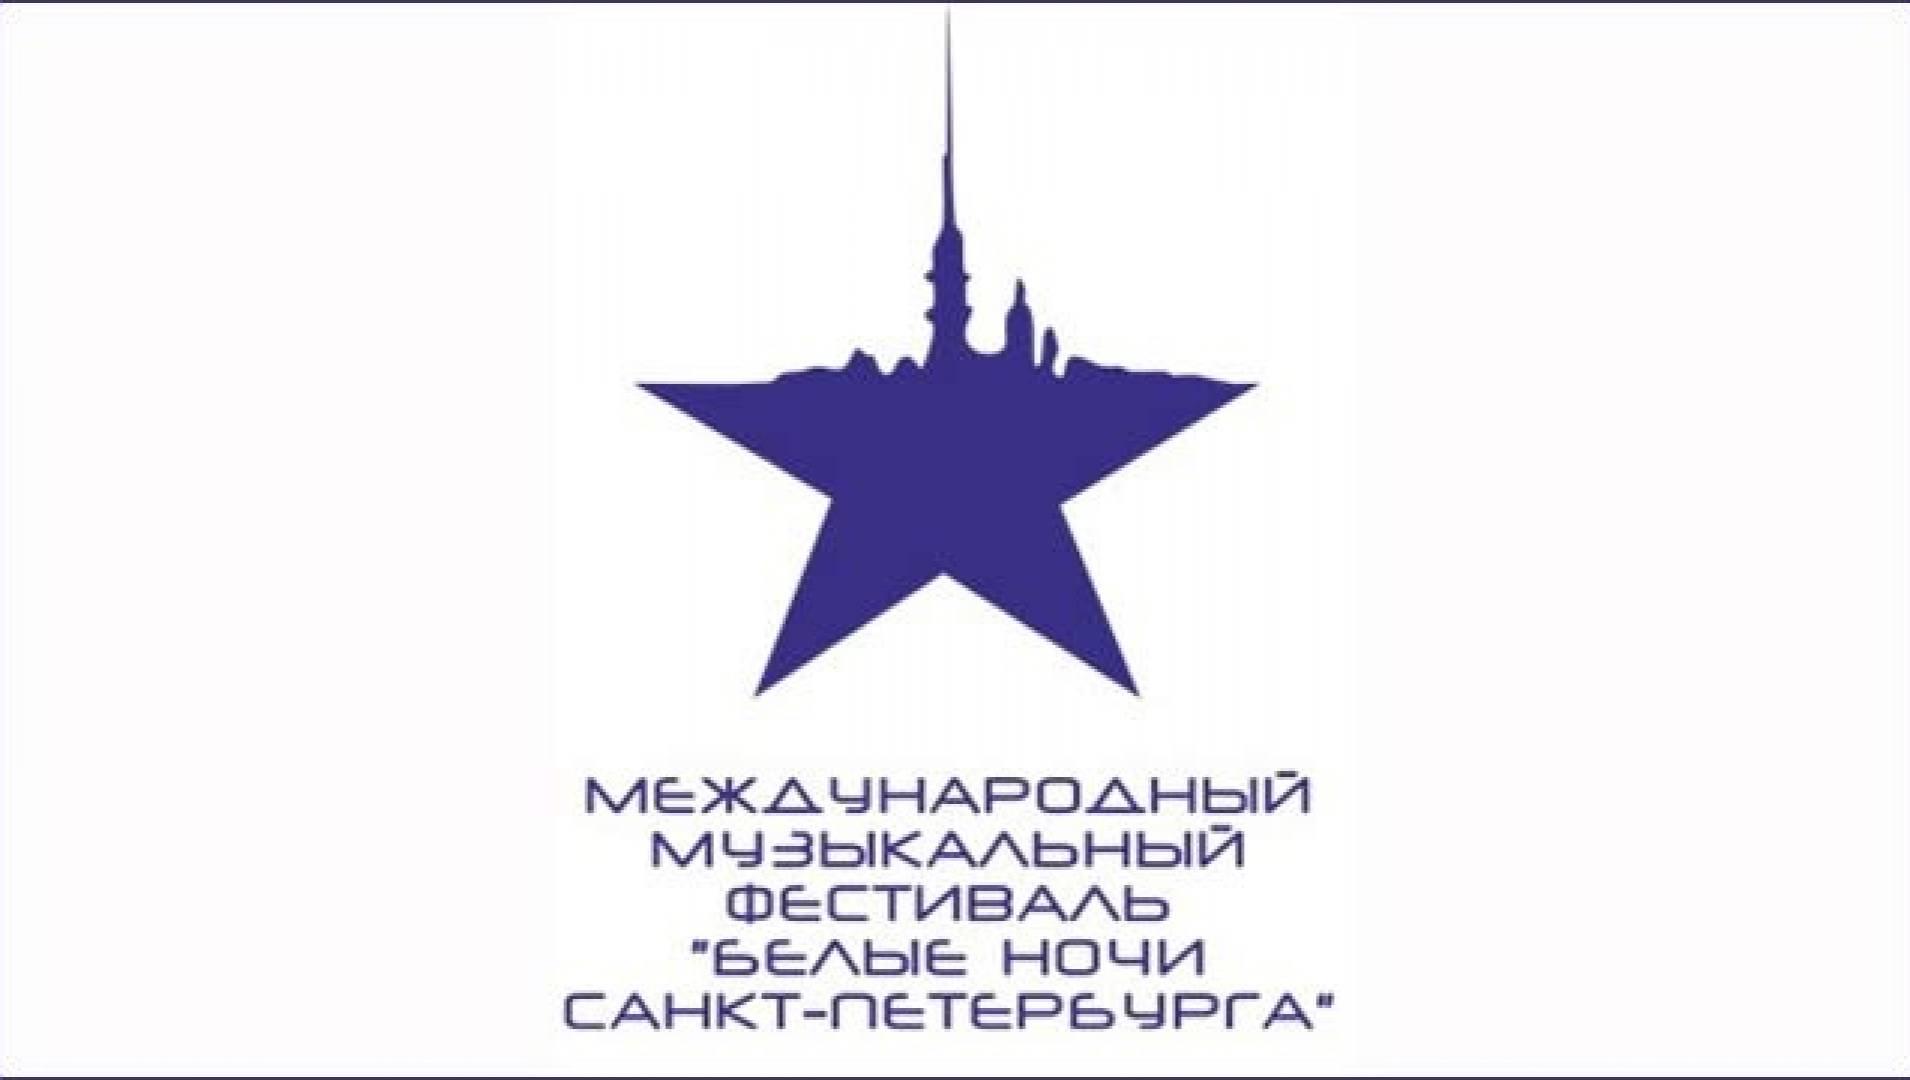 Международный музыкальный фестиваль «Белые ночи Санкт-Петербурга» - Музыкальная, Программа